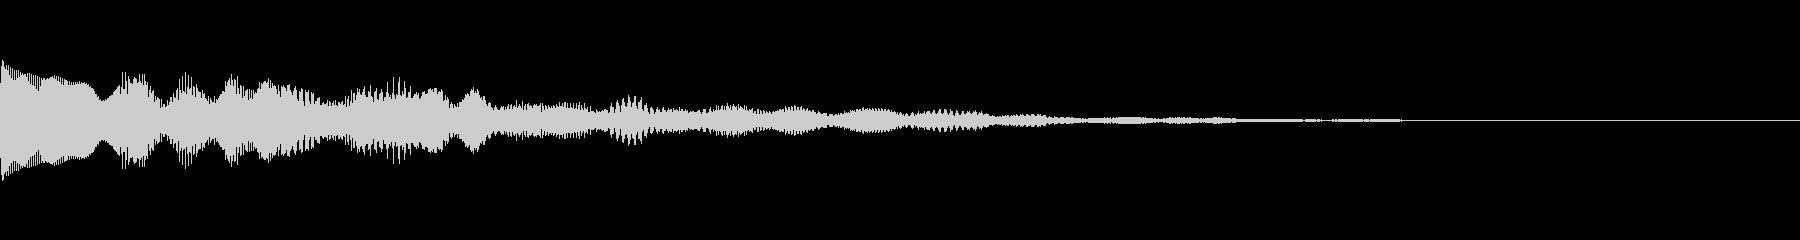 ピロロロロ、トゥルルルル、デリリリ音の未再生の波形